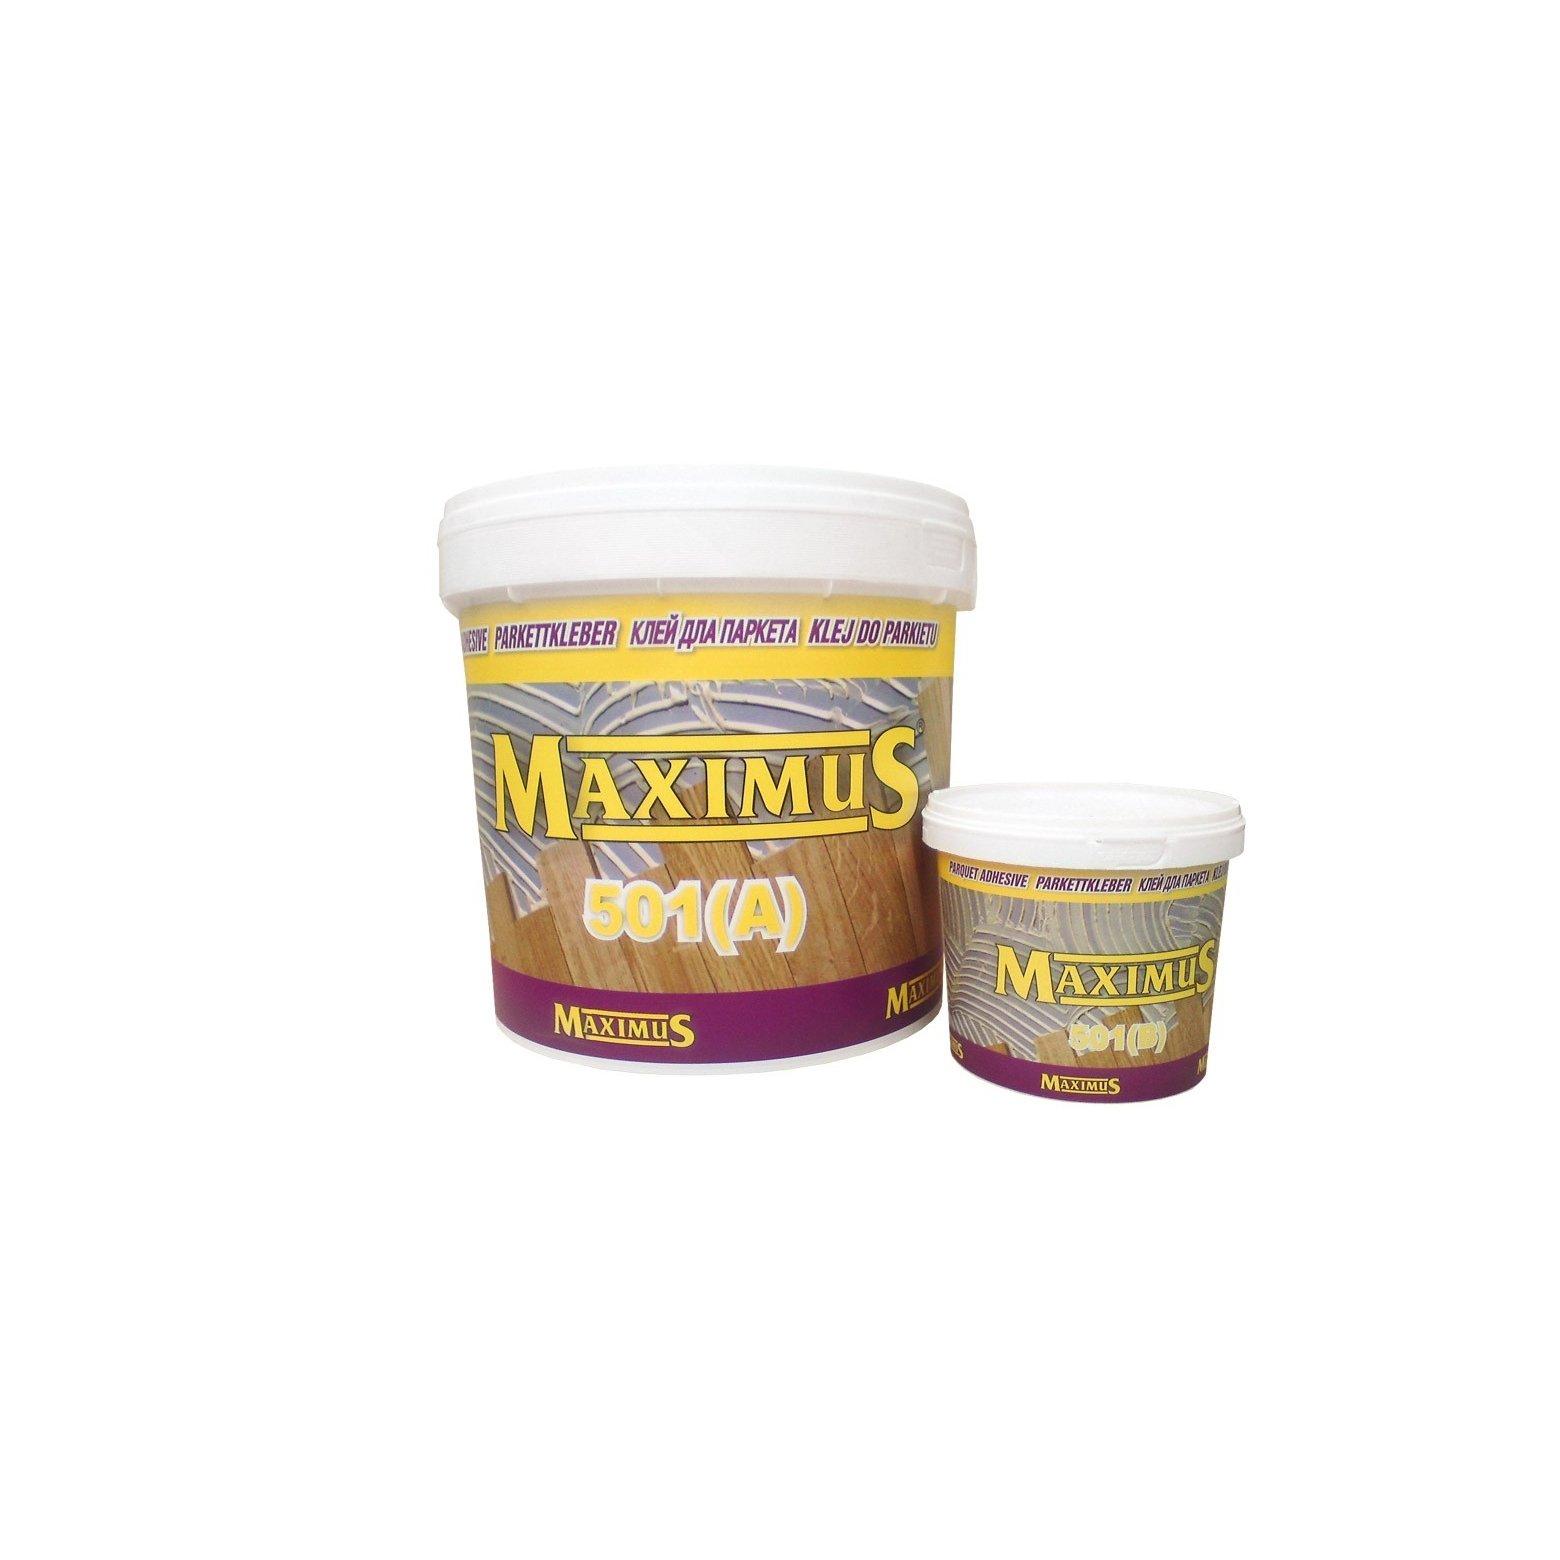 Klej do parkietu Maximus 501 (2 składnikowy)